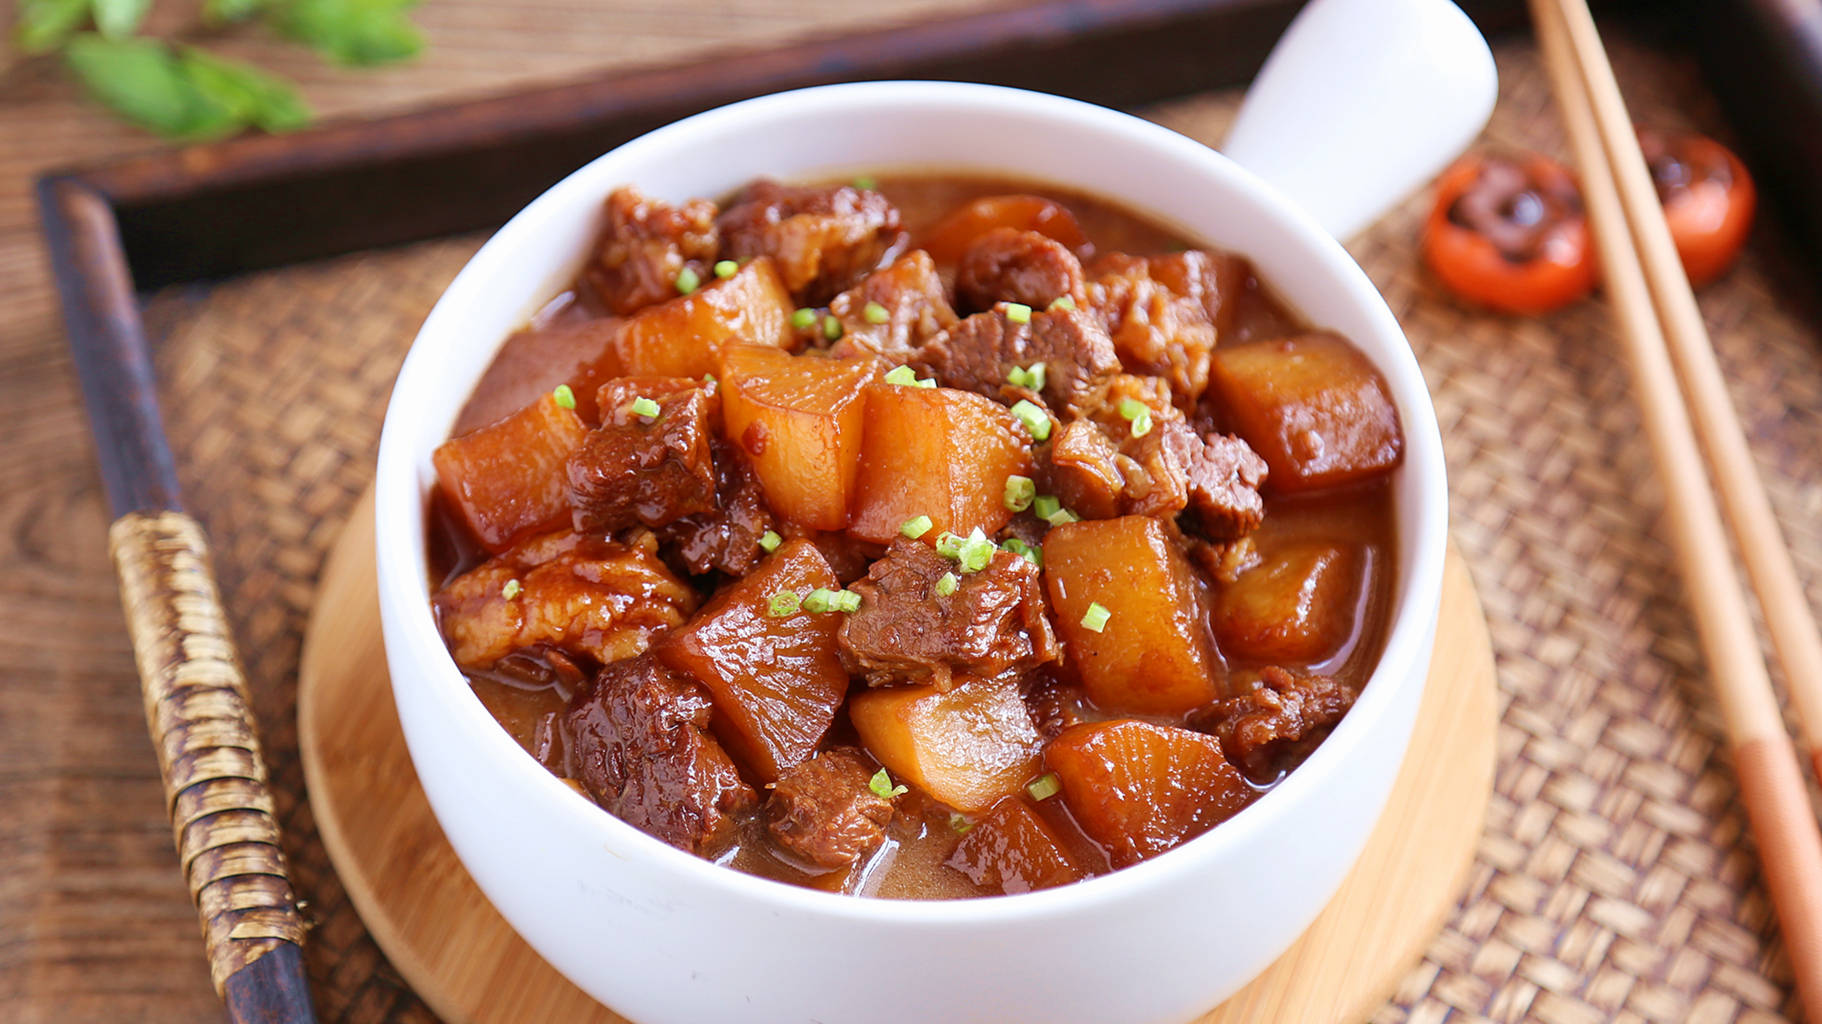 三伏天,鸡鸭鱼肉不如它,三两下煮一锅,家人一顿多吃两碗饭